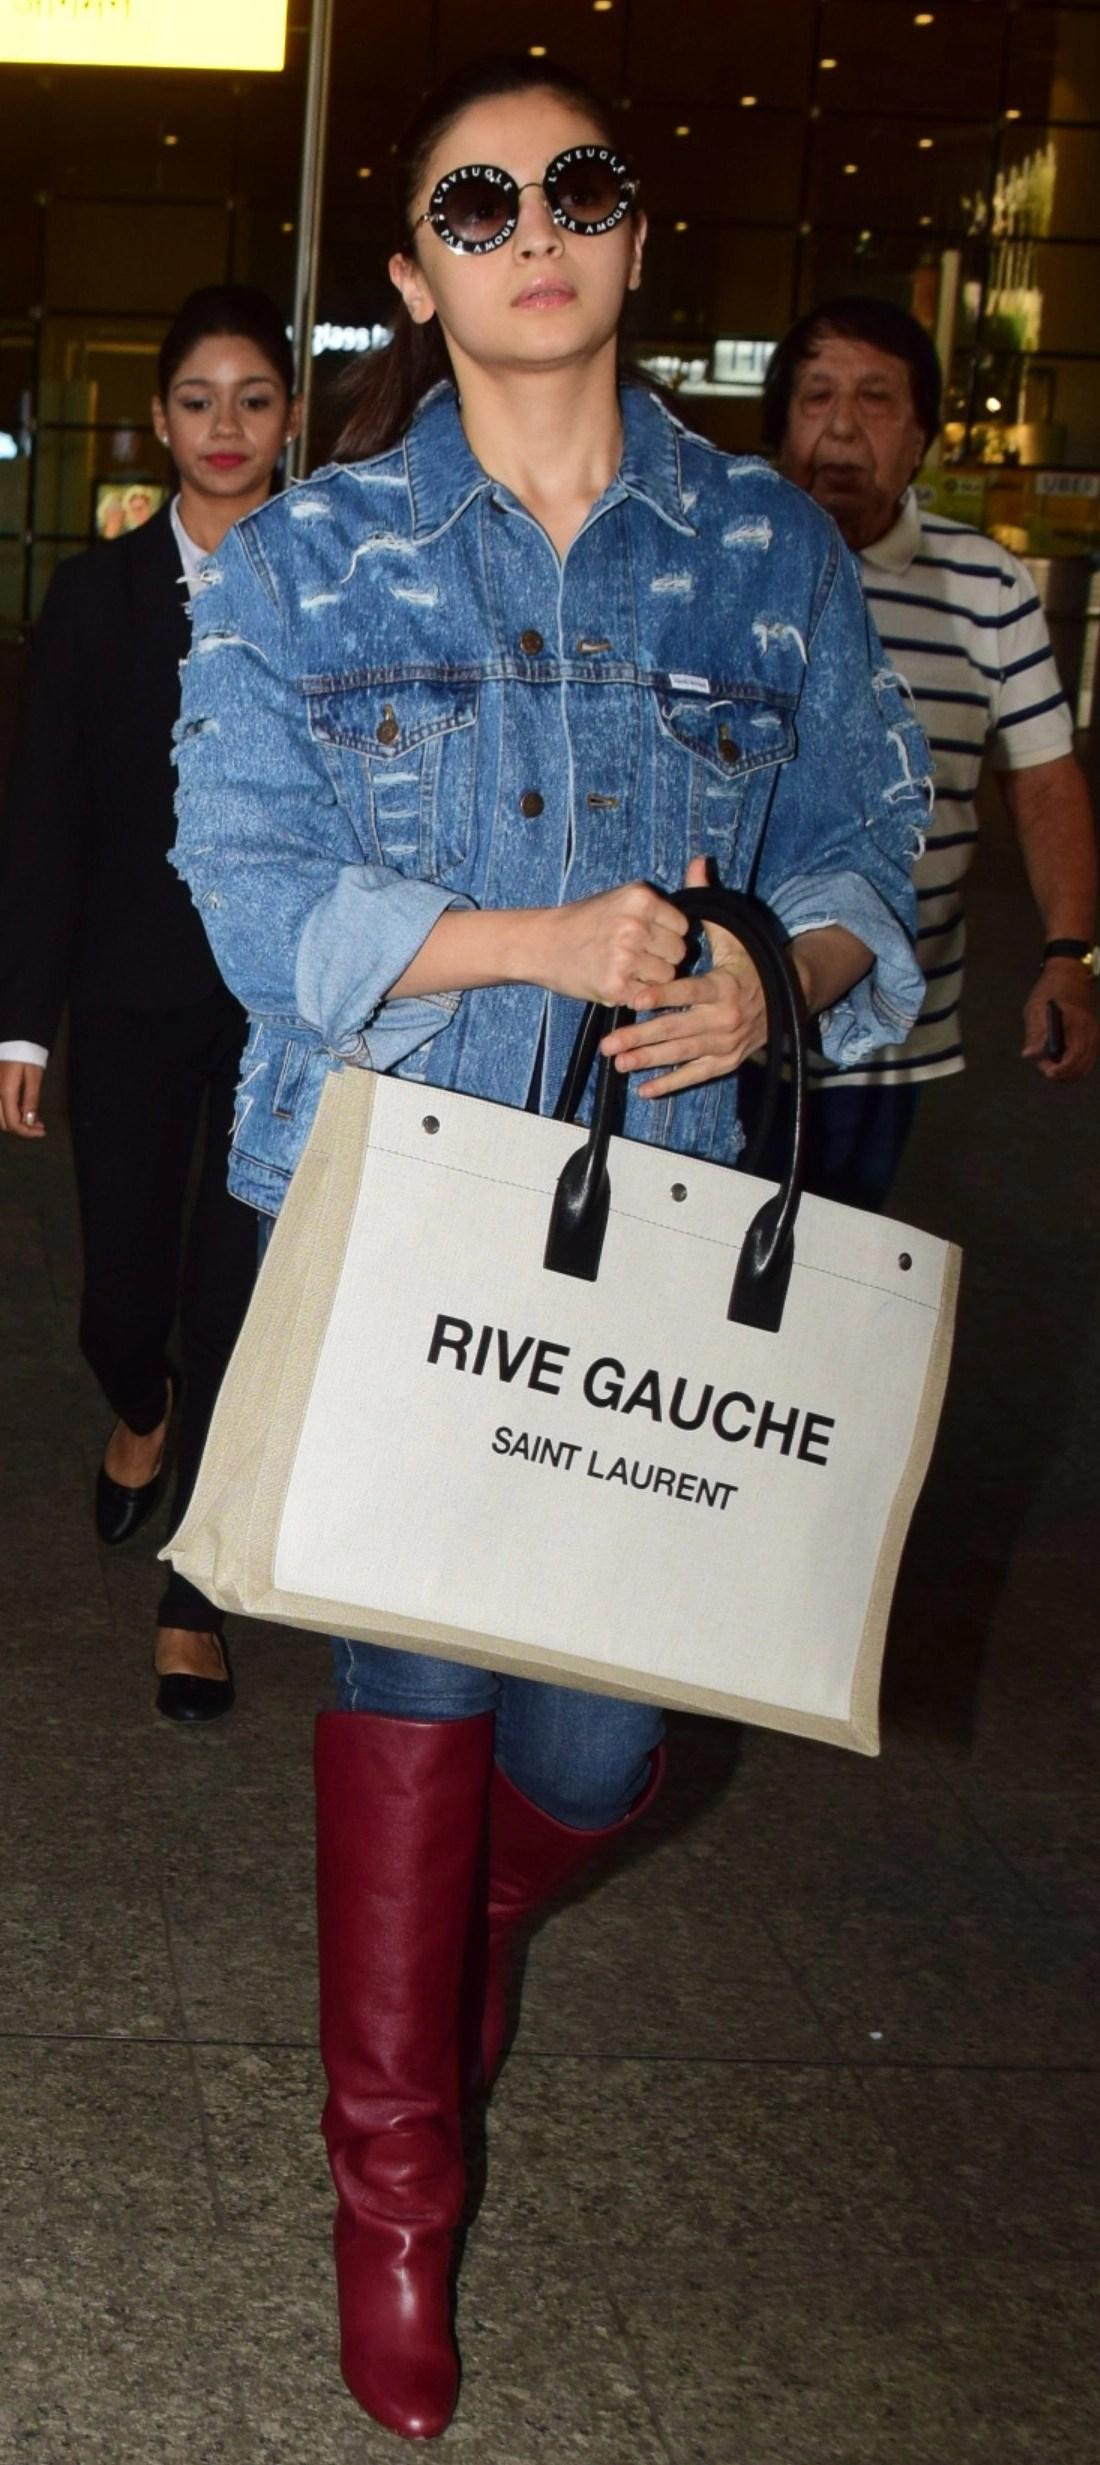 Here's a close look at Alia's Saint Laurent bag.